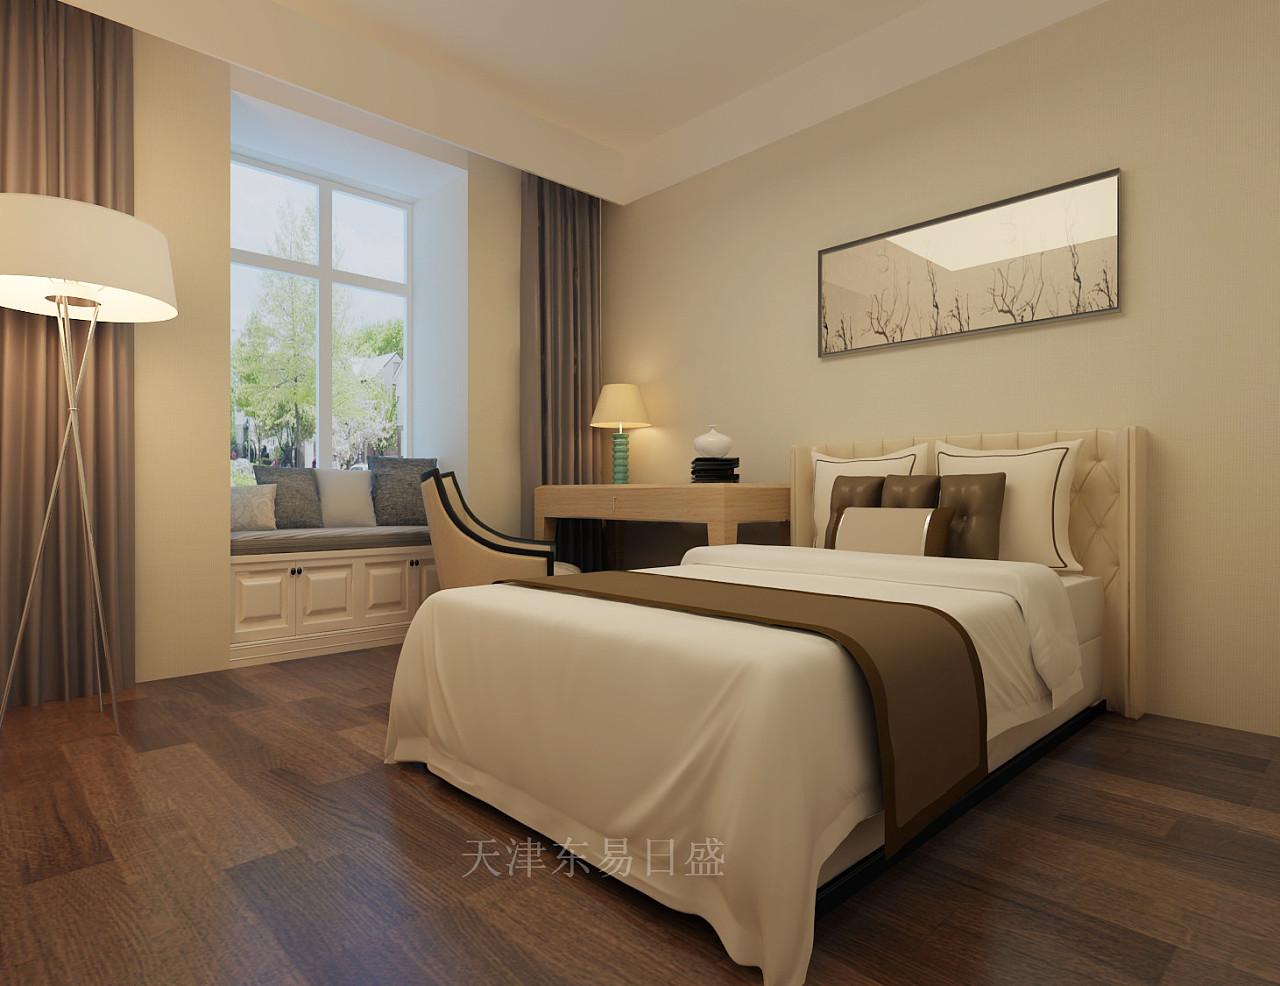 工程地点:新安花园 设计风格:现代风格 工程户型:三室两厅两卫 案例面积:155 设计说明:此居室整体采用简约的现代设计风格,稳重,大气,却又不失品位,有令人眼前一亮的感觉。最重要的是强调功能性设计,线条简约流畅,在色彩上,采用柔和的浅系色彩,给人优雅温馨、自然脱俗的感觉。